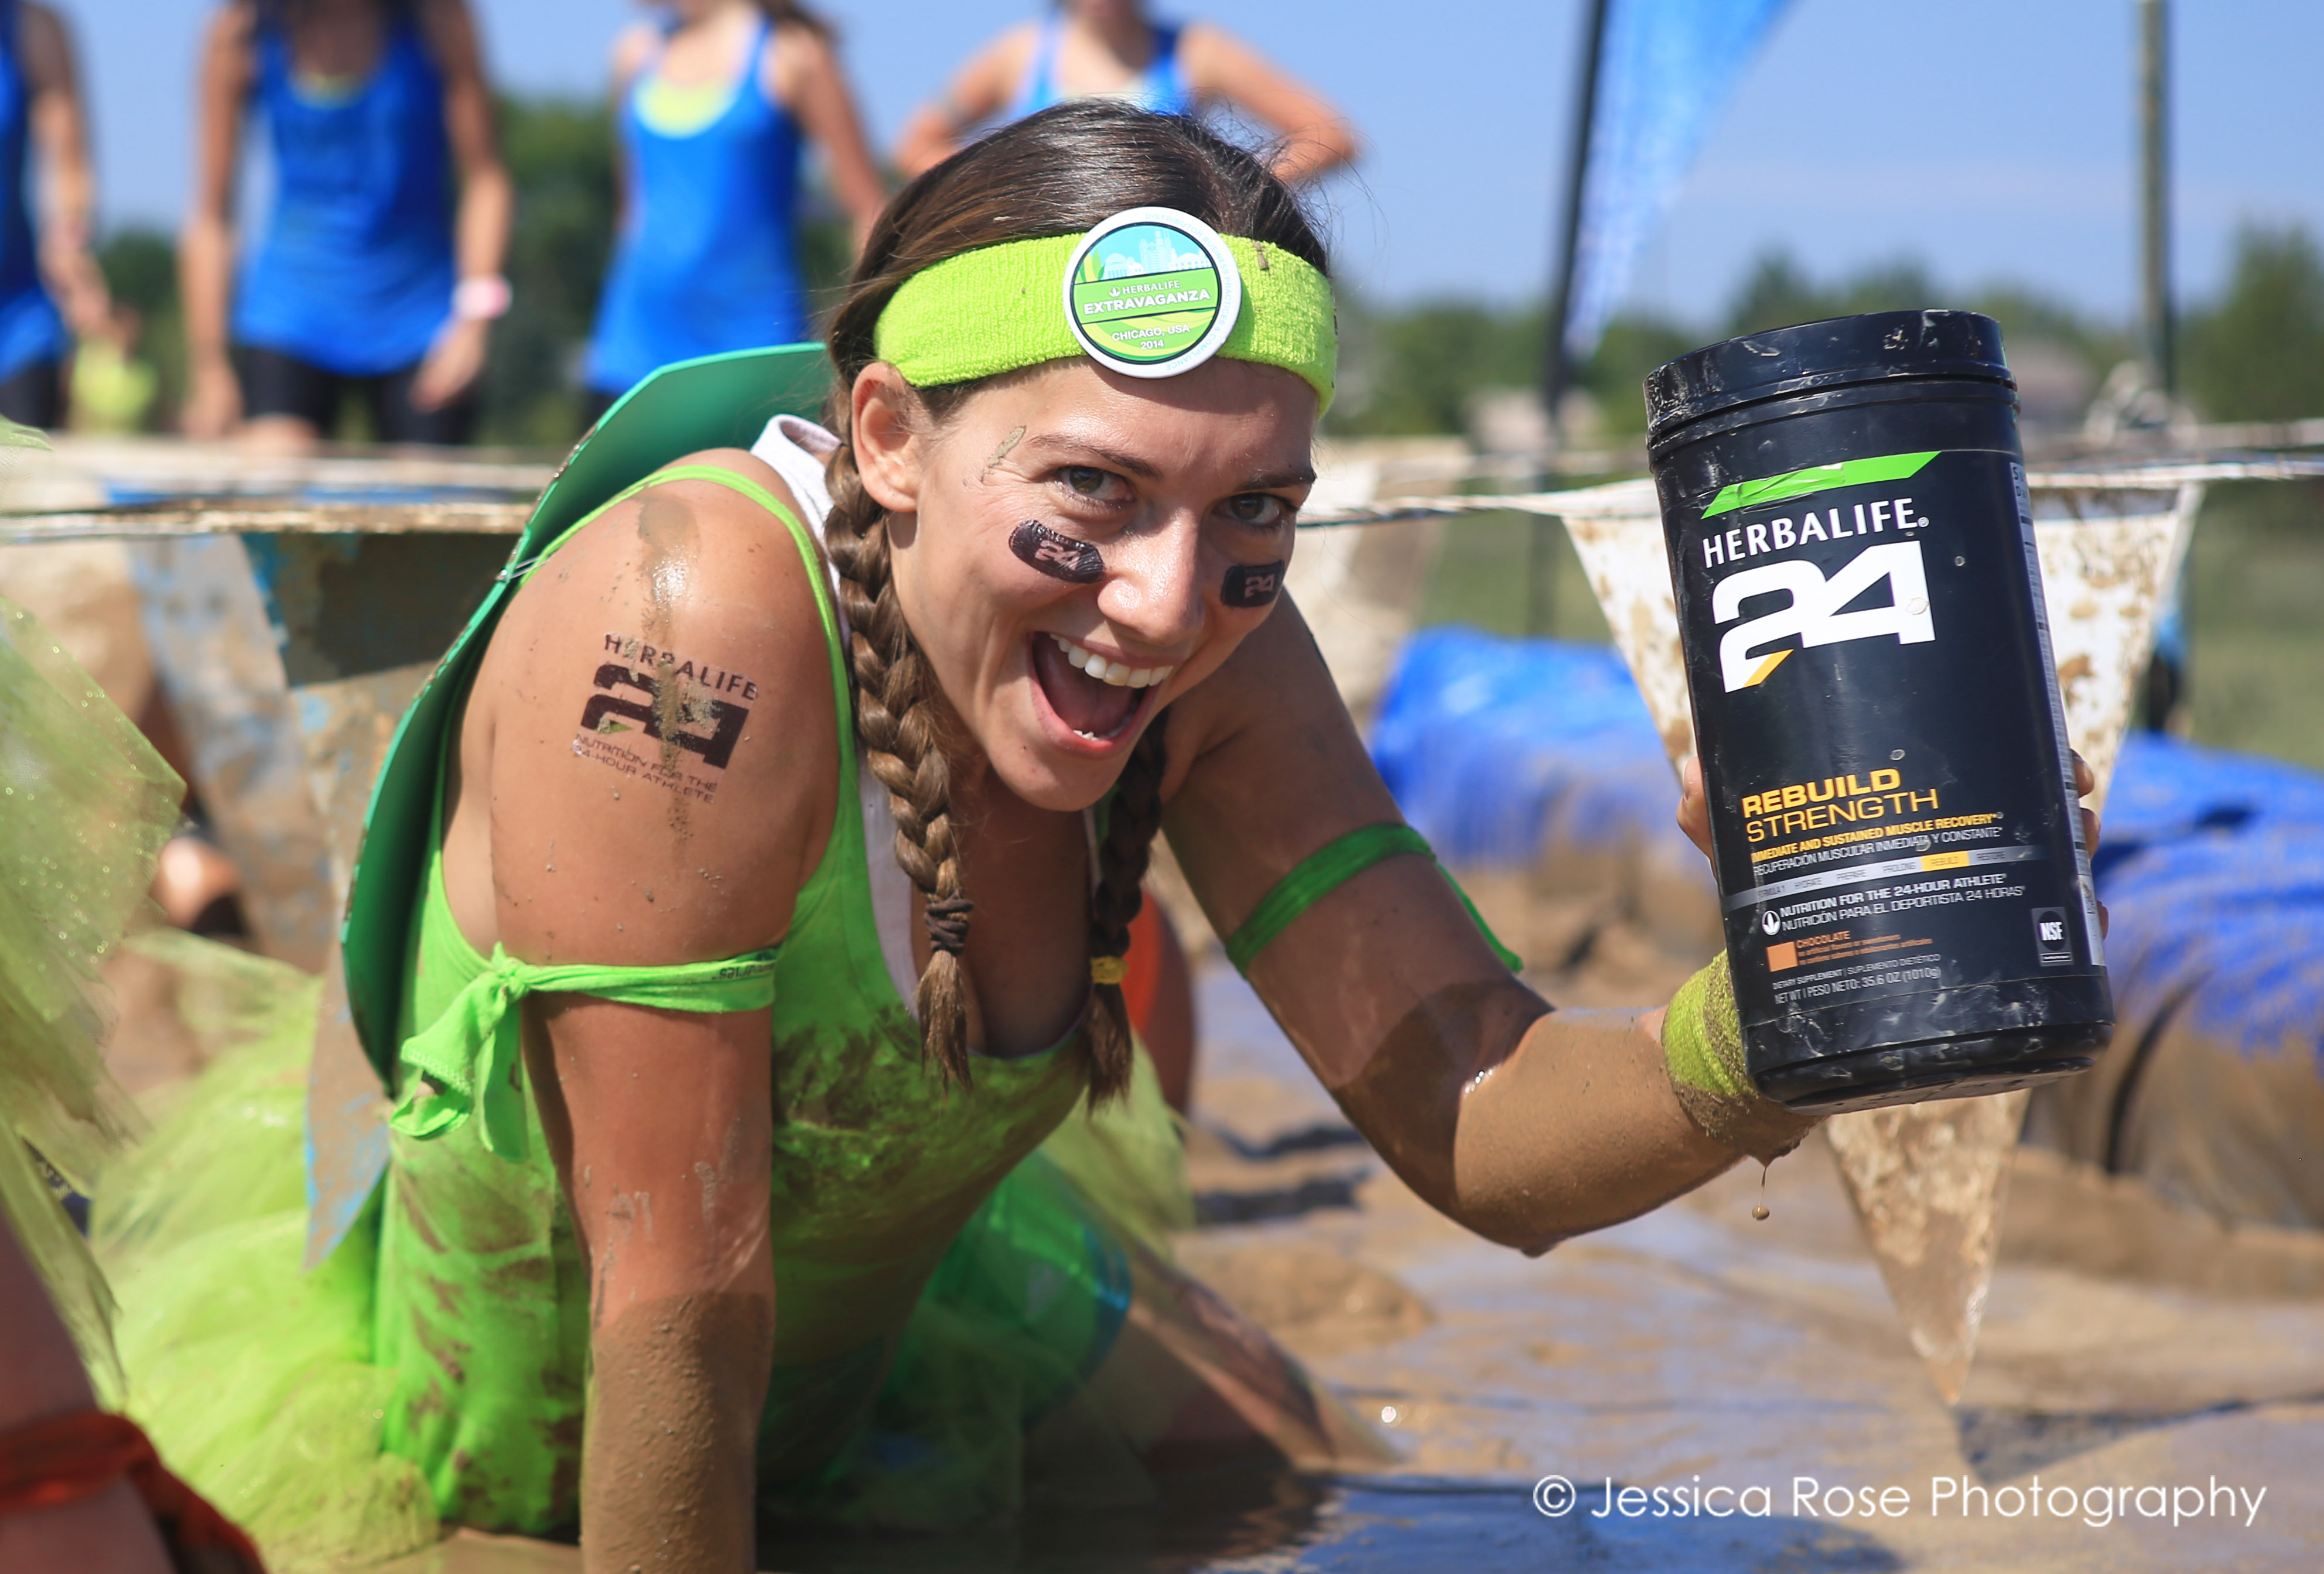 Action Lifestyle - Lozilu Mud Race